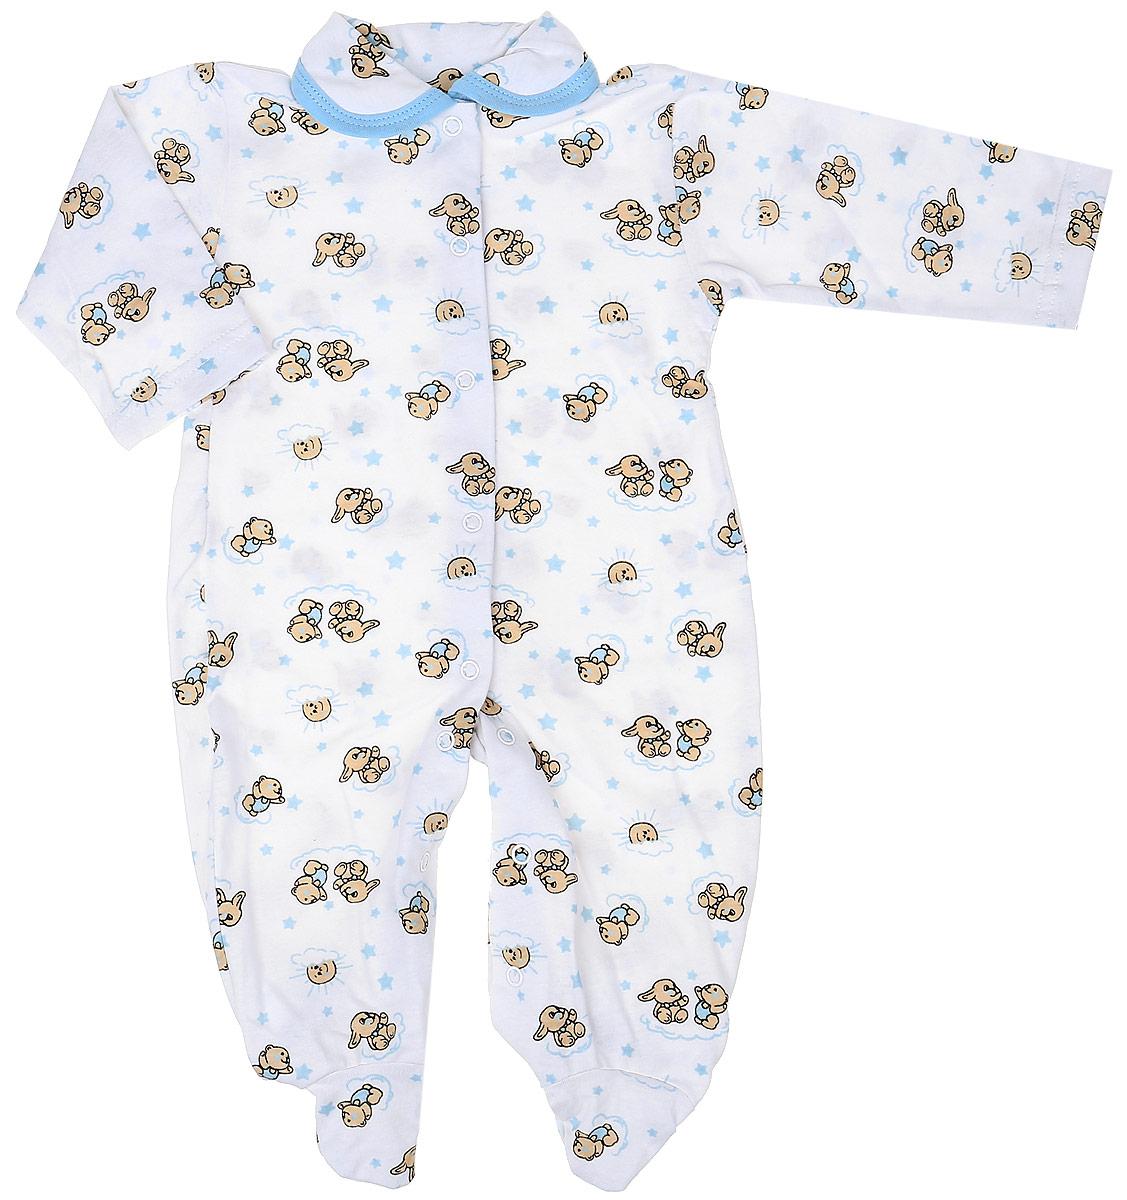 Комбинезон детский Чудесные одежки, цвет: белый, голубой. 5805. Размер 565805Детский комбинезон Чудесные одежки выполнен из натурального хлопка.Комбинезон с отложным воротничком, длинными рукавами и закрытыми ножками имеет застежки-кнопки спереди и на ластовице, которые помогают легко переодеть младенца или сменить подгузник. Изделие оформлено принтом с изображением зайчиков.